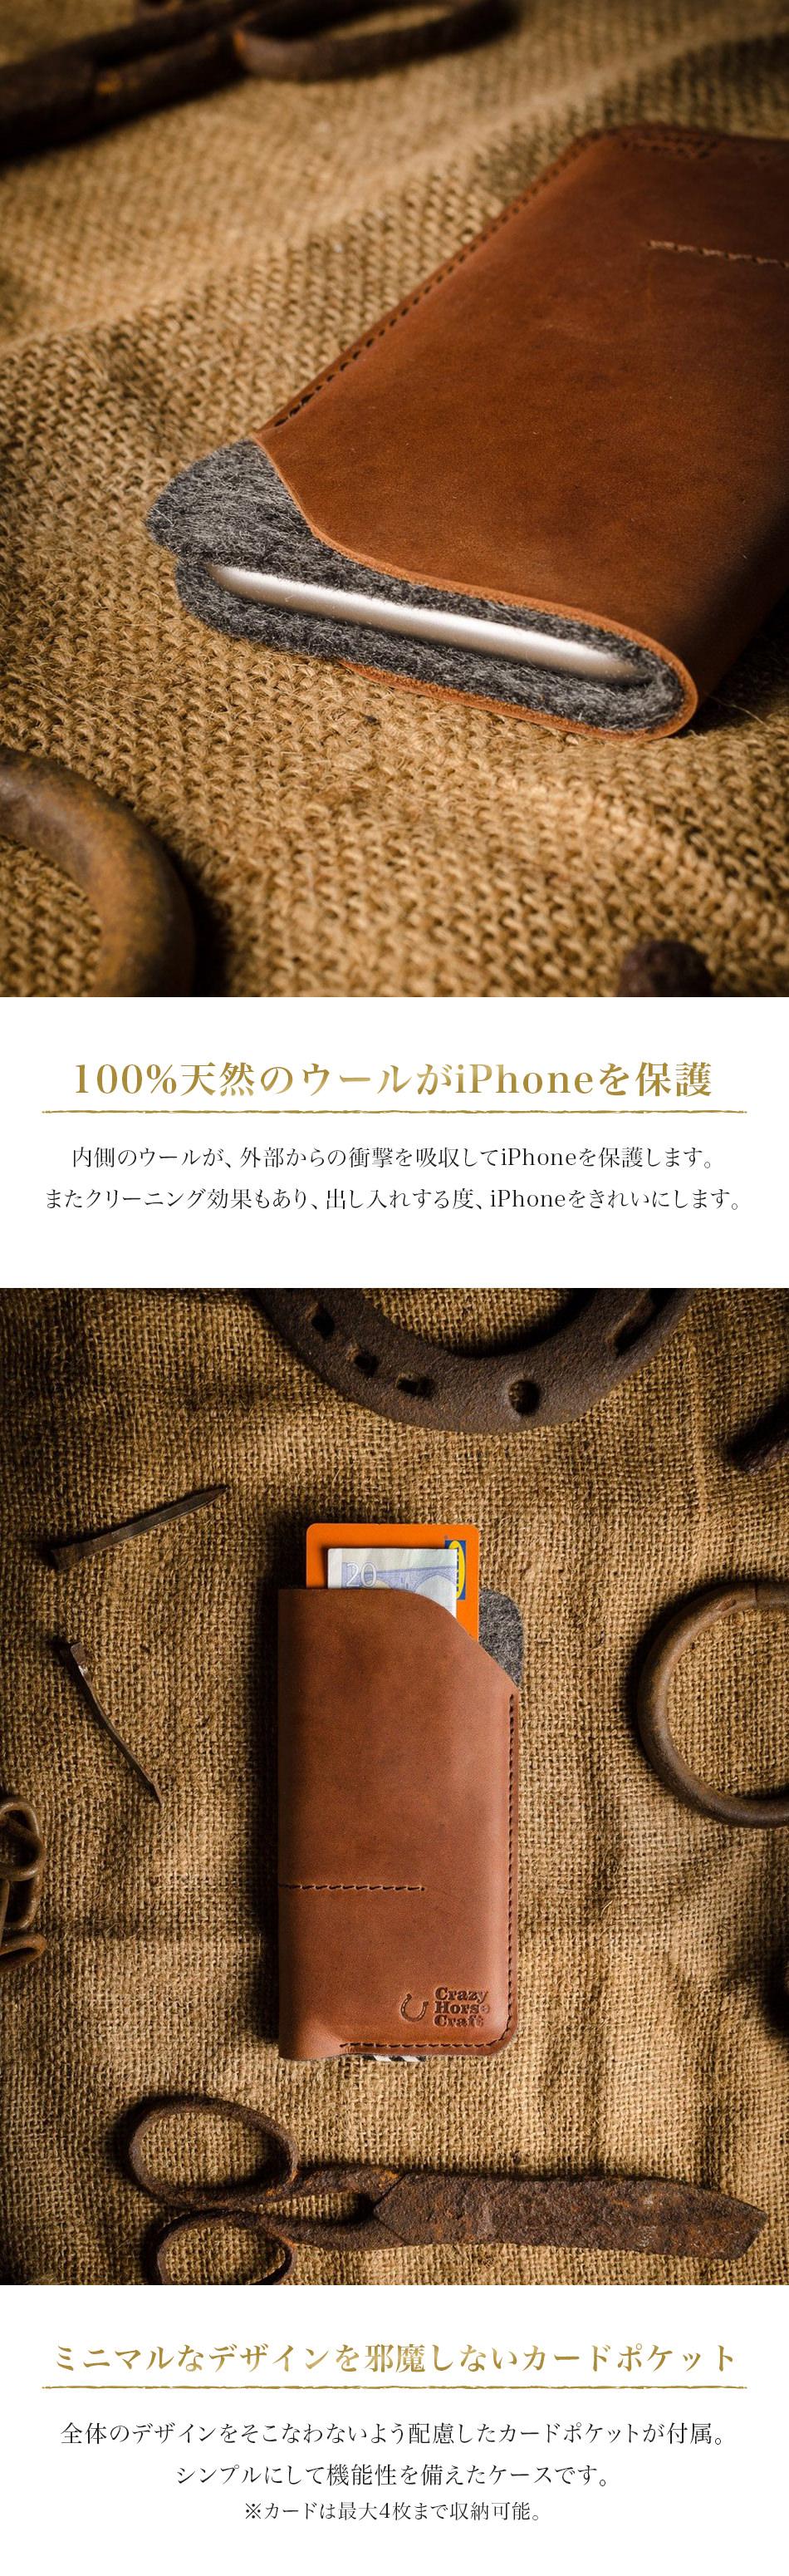 上質な本革がiPhoneをしっかり守り、カードポケット付きの機能性も充実